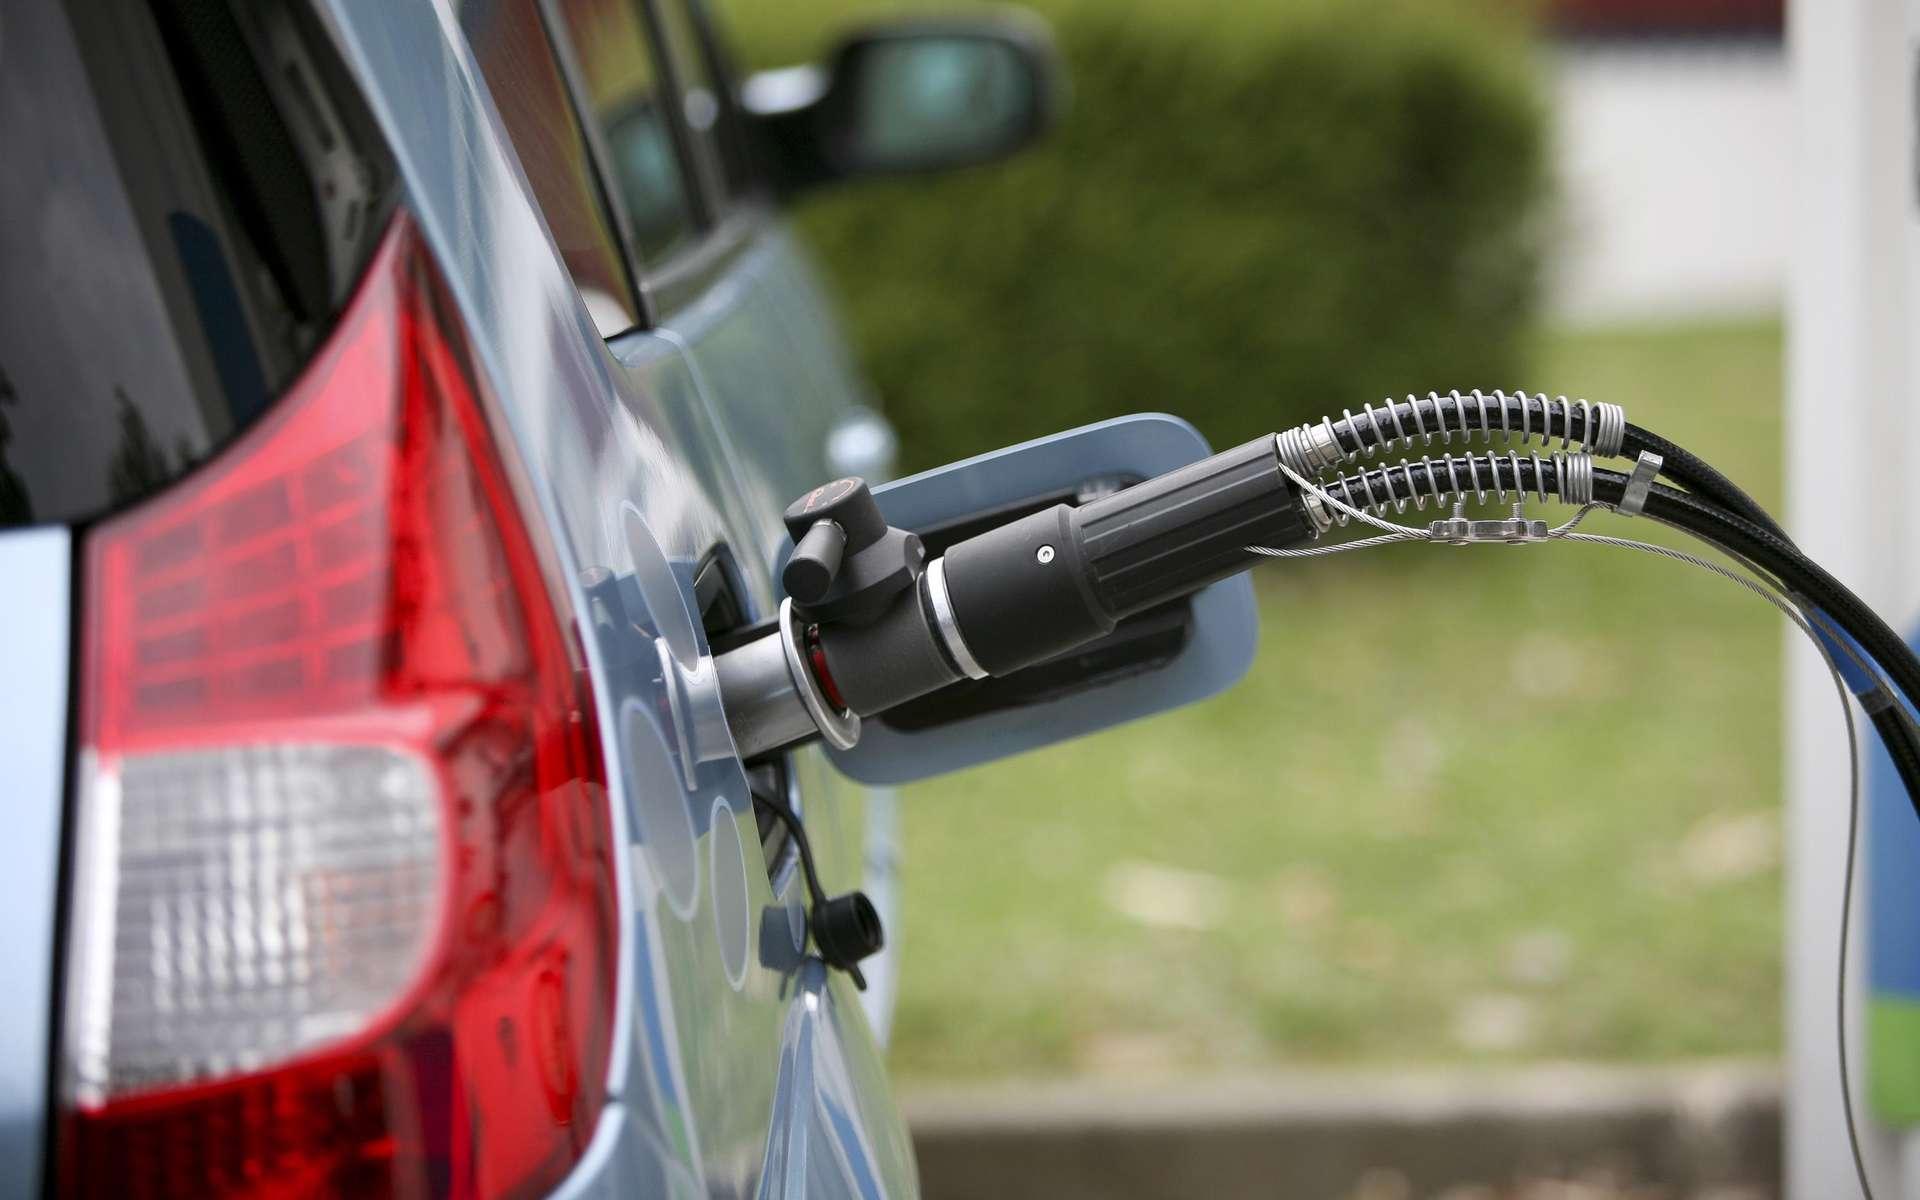 Pour les courtes distances et les trajets urbains, la voiture électrique est aujourd'hui une solution raisonnable. © Ph. Jacob